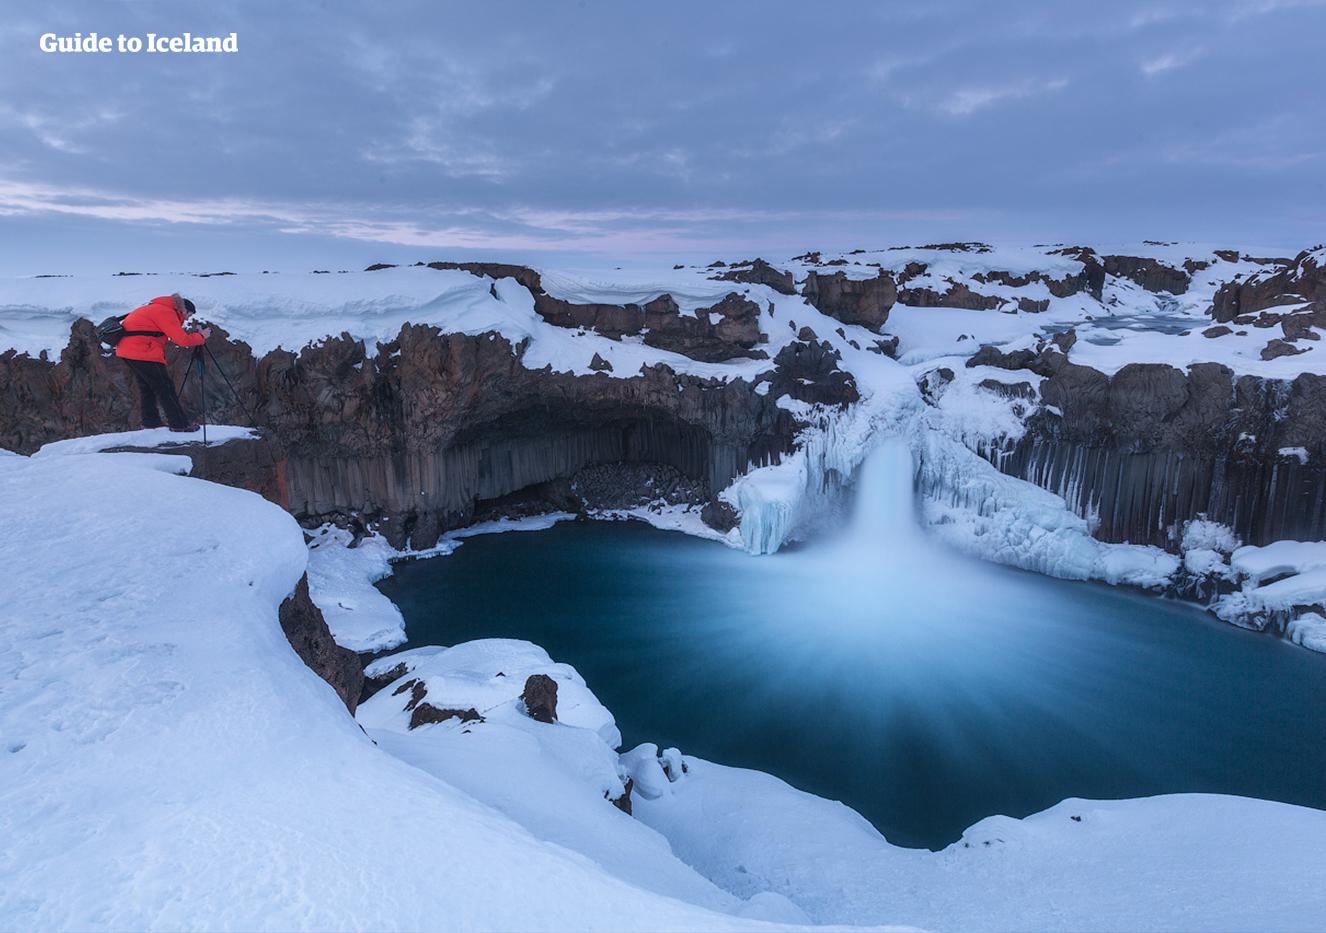 12天11夜冬季冰岛深度环岛自驾游|一号环岛公路畅游冰岛-杰古沙龙冰河湖-斯奈山半岛-北极光